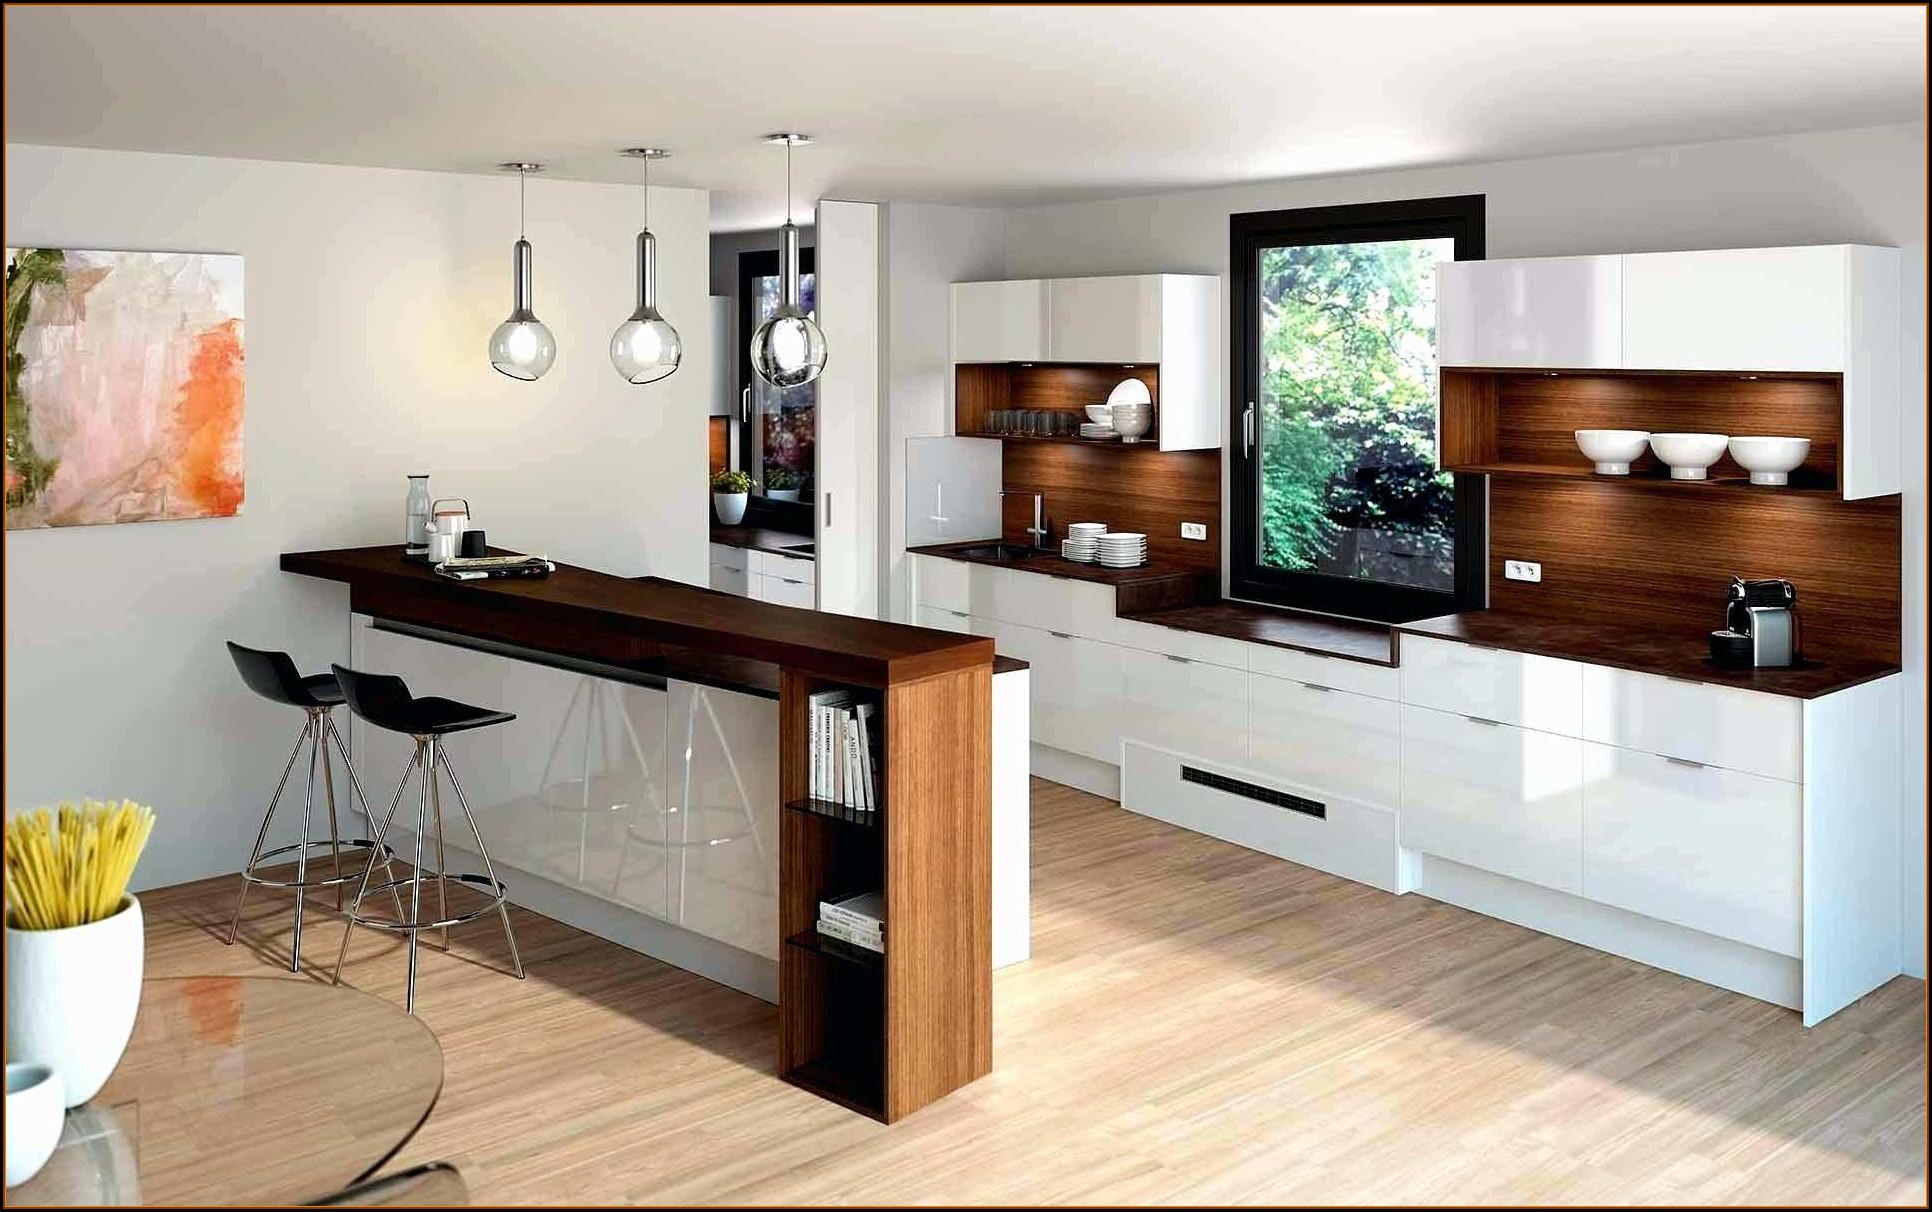 Wanddeko Ideen Küche